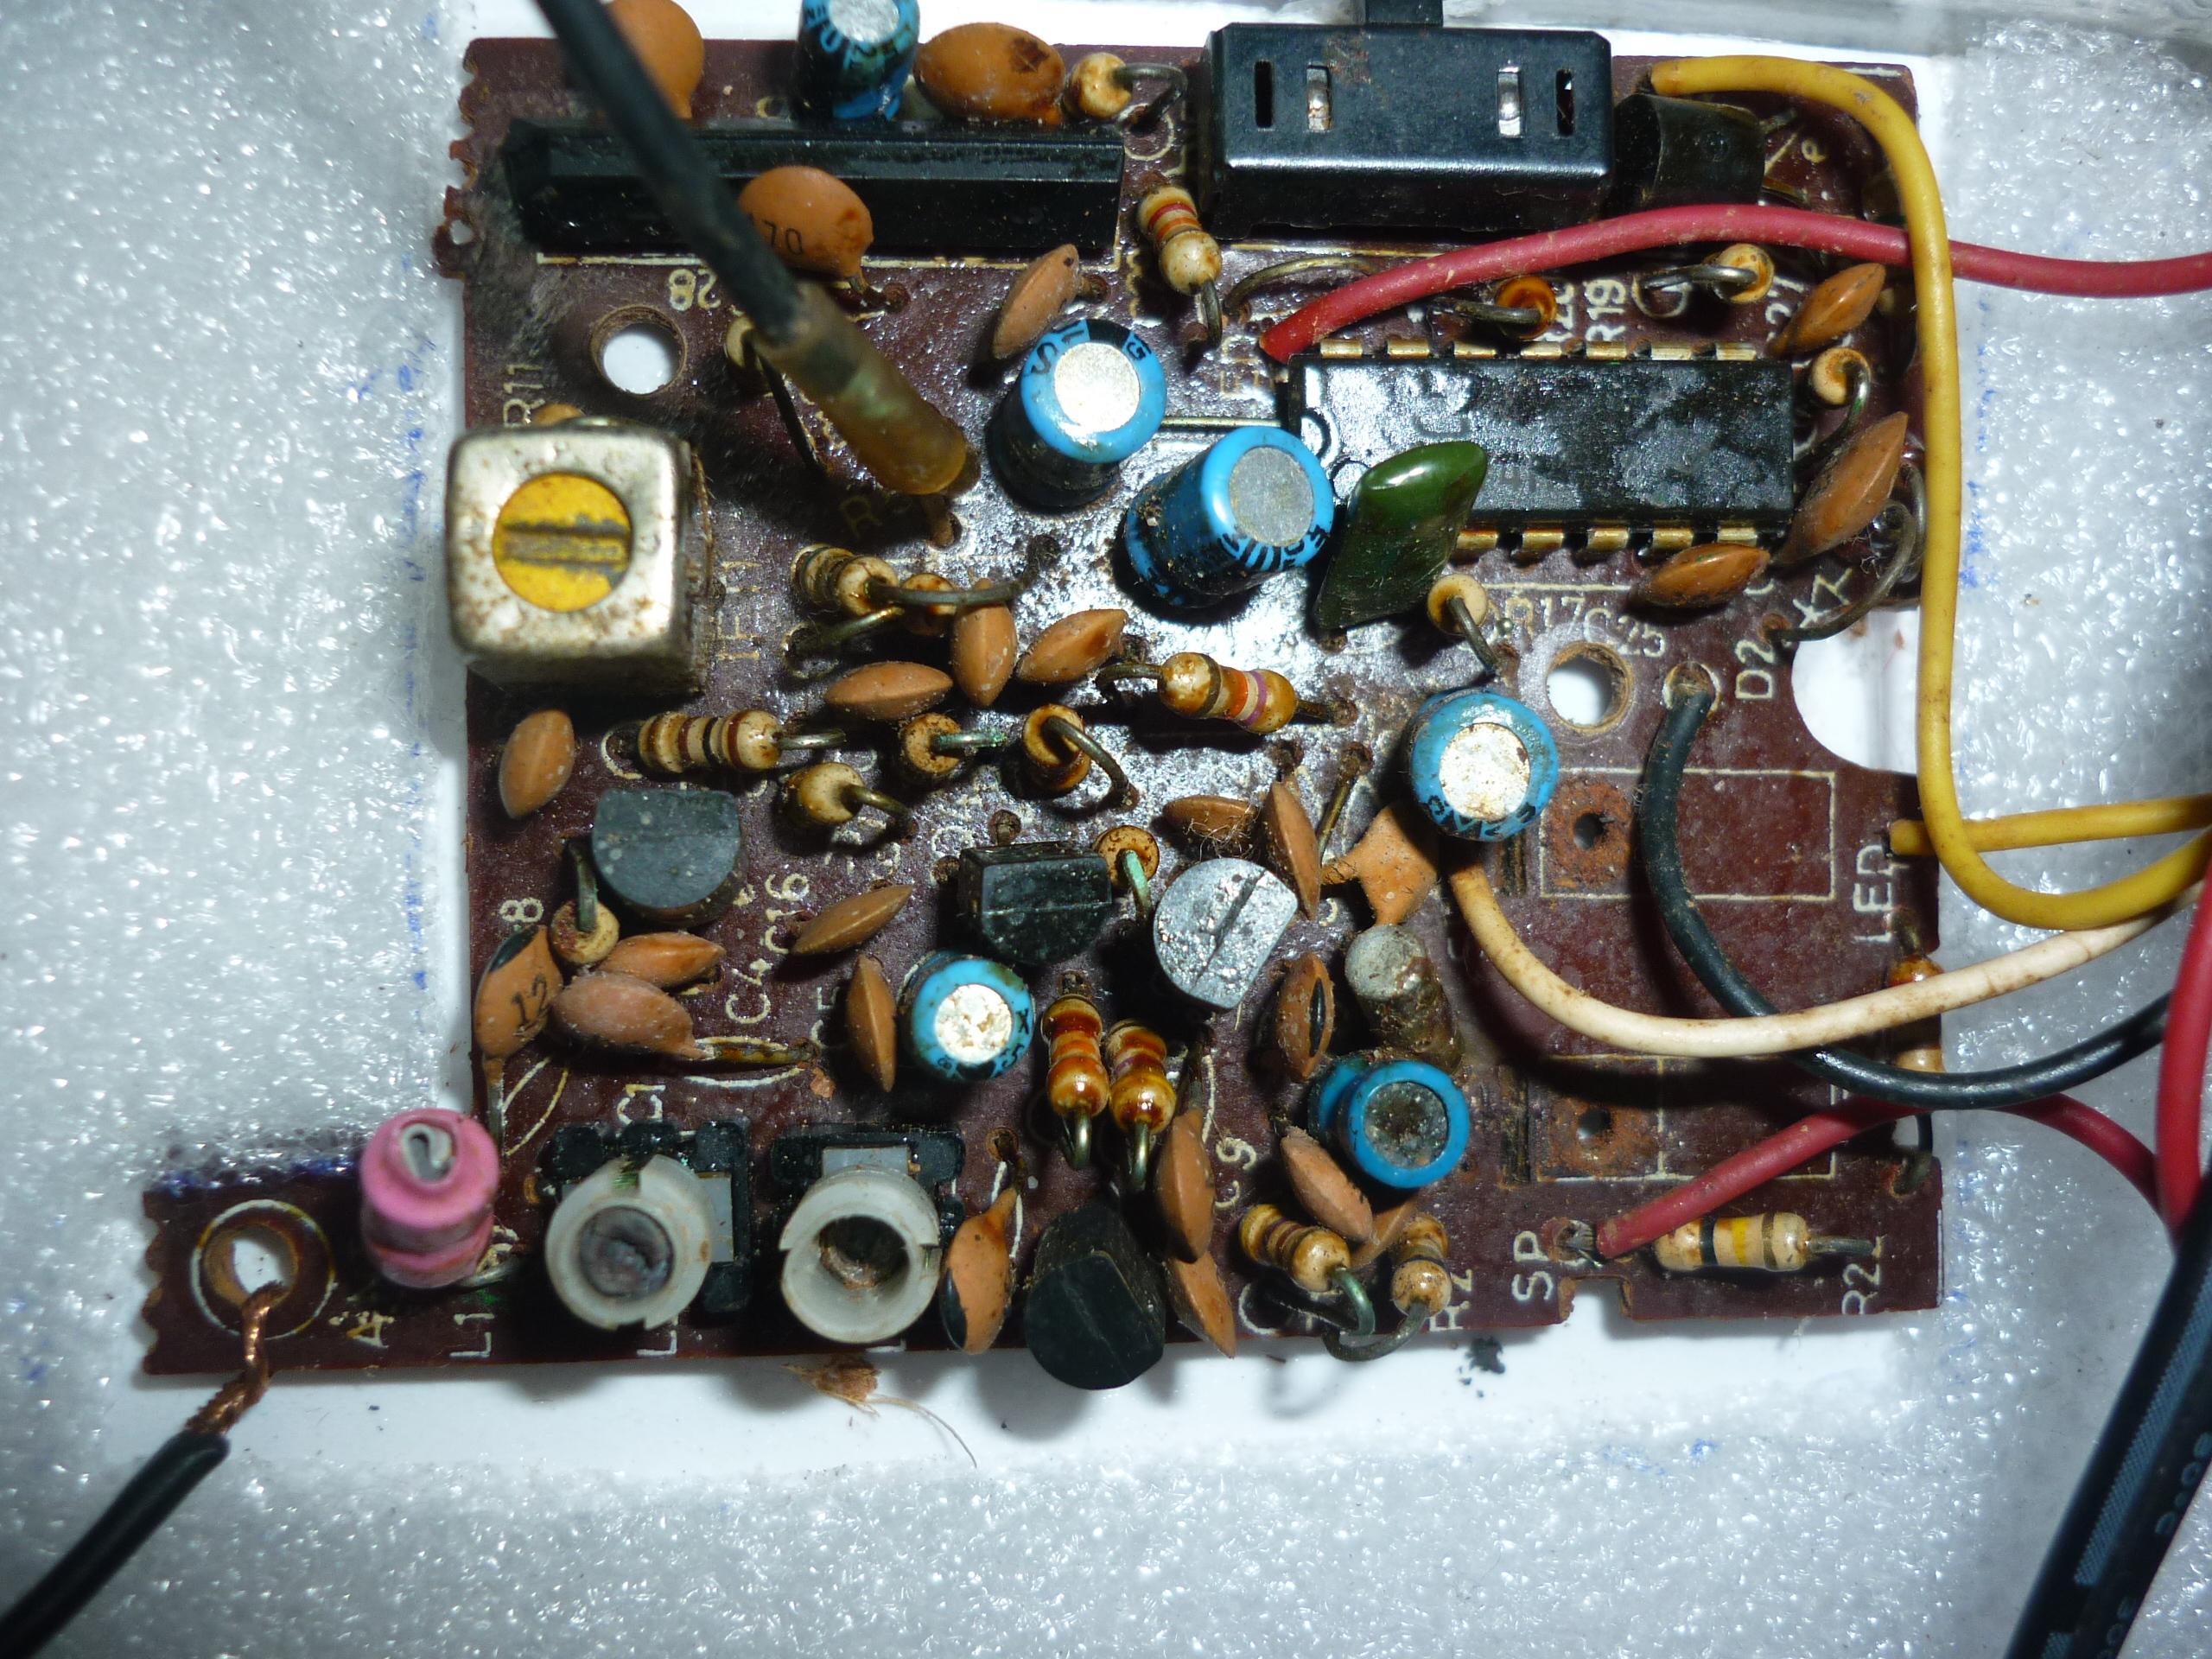 Easy FM Transmitter